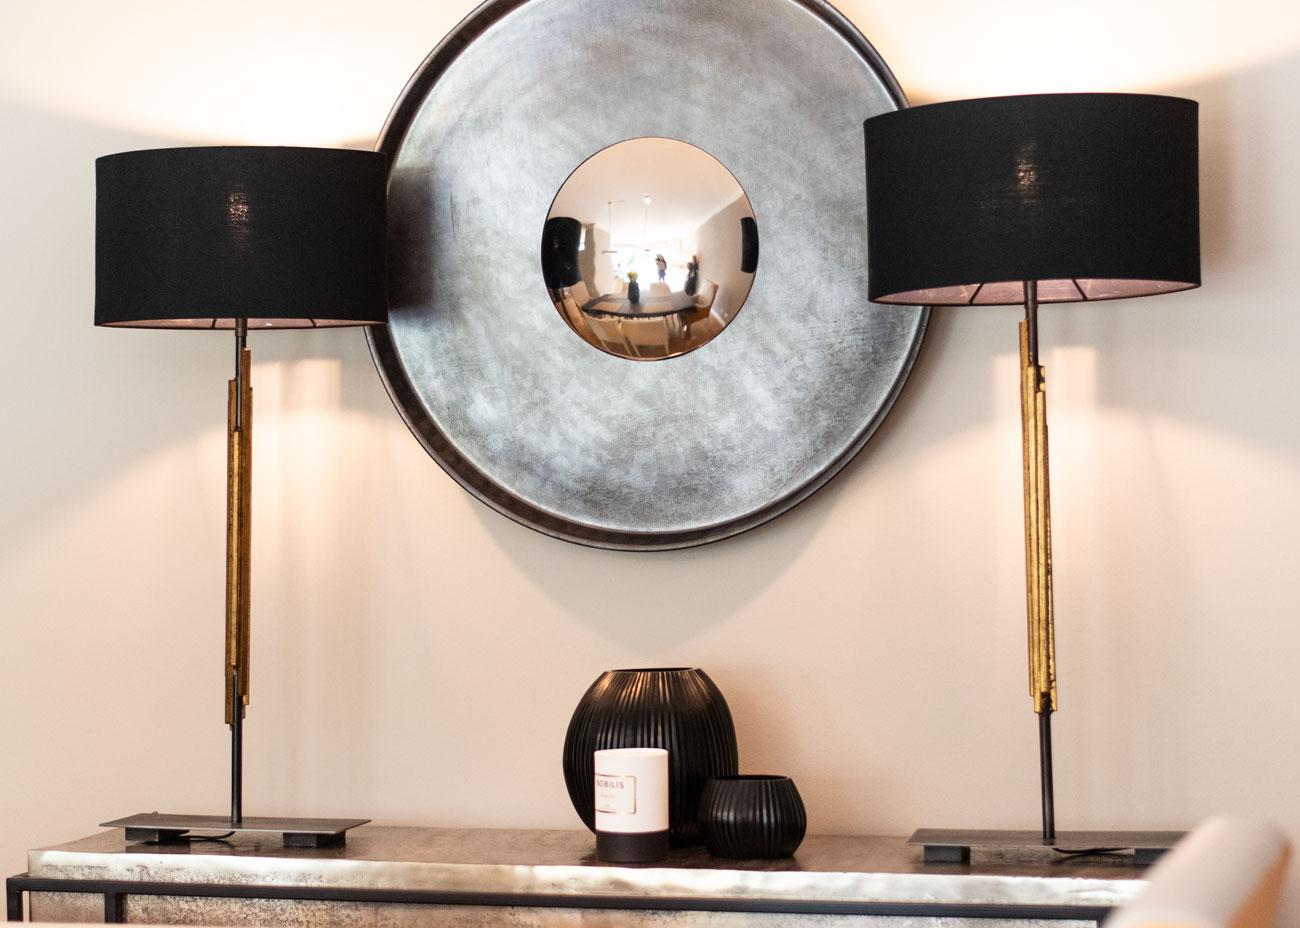 haus renovieren ideen konsole mit leuchten schwarz und spiegel vase